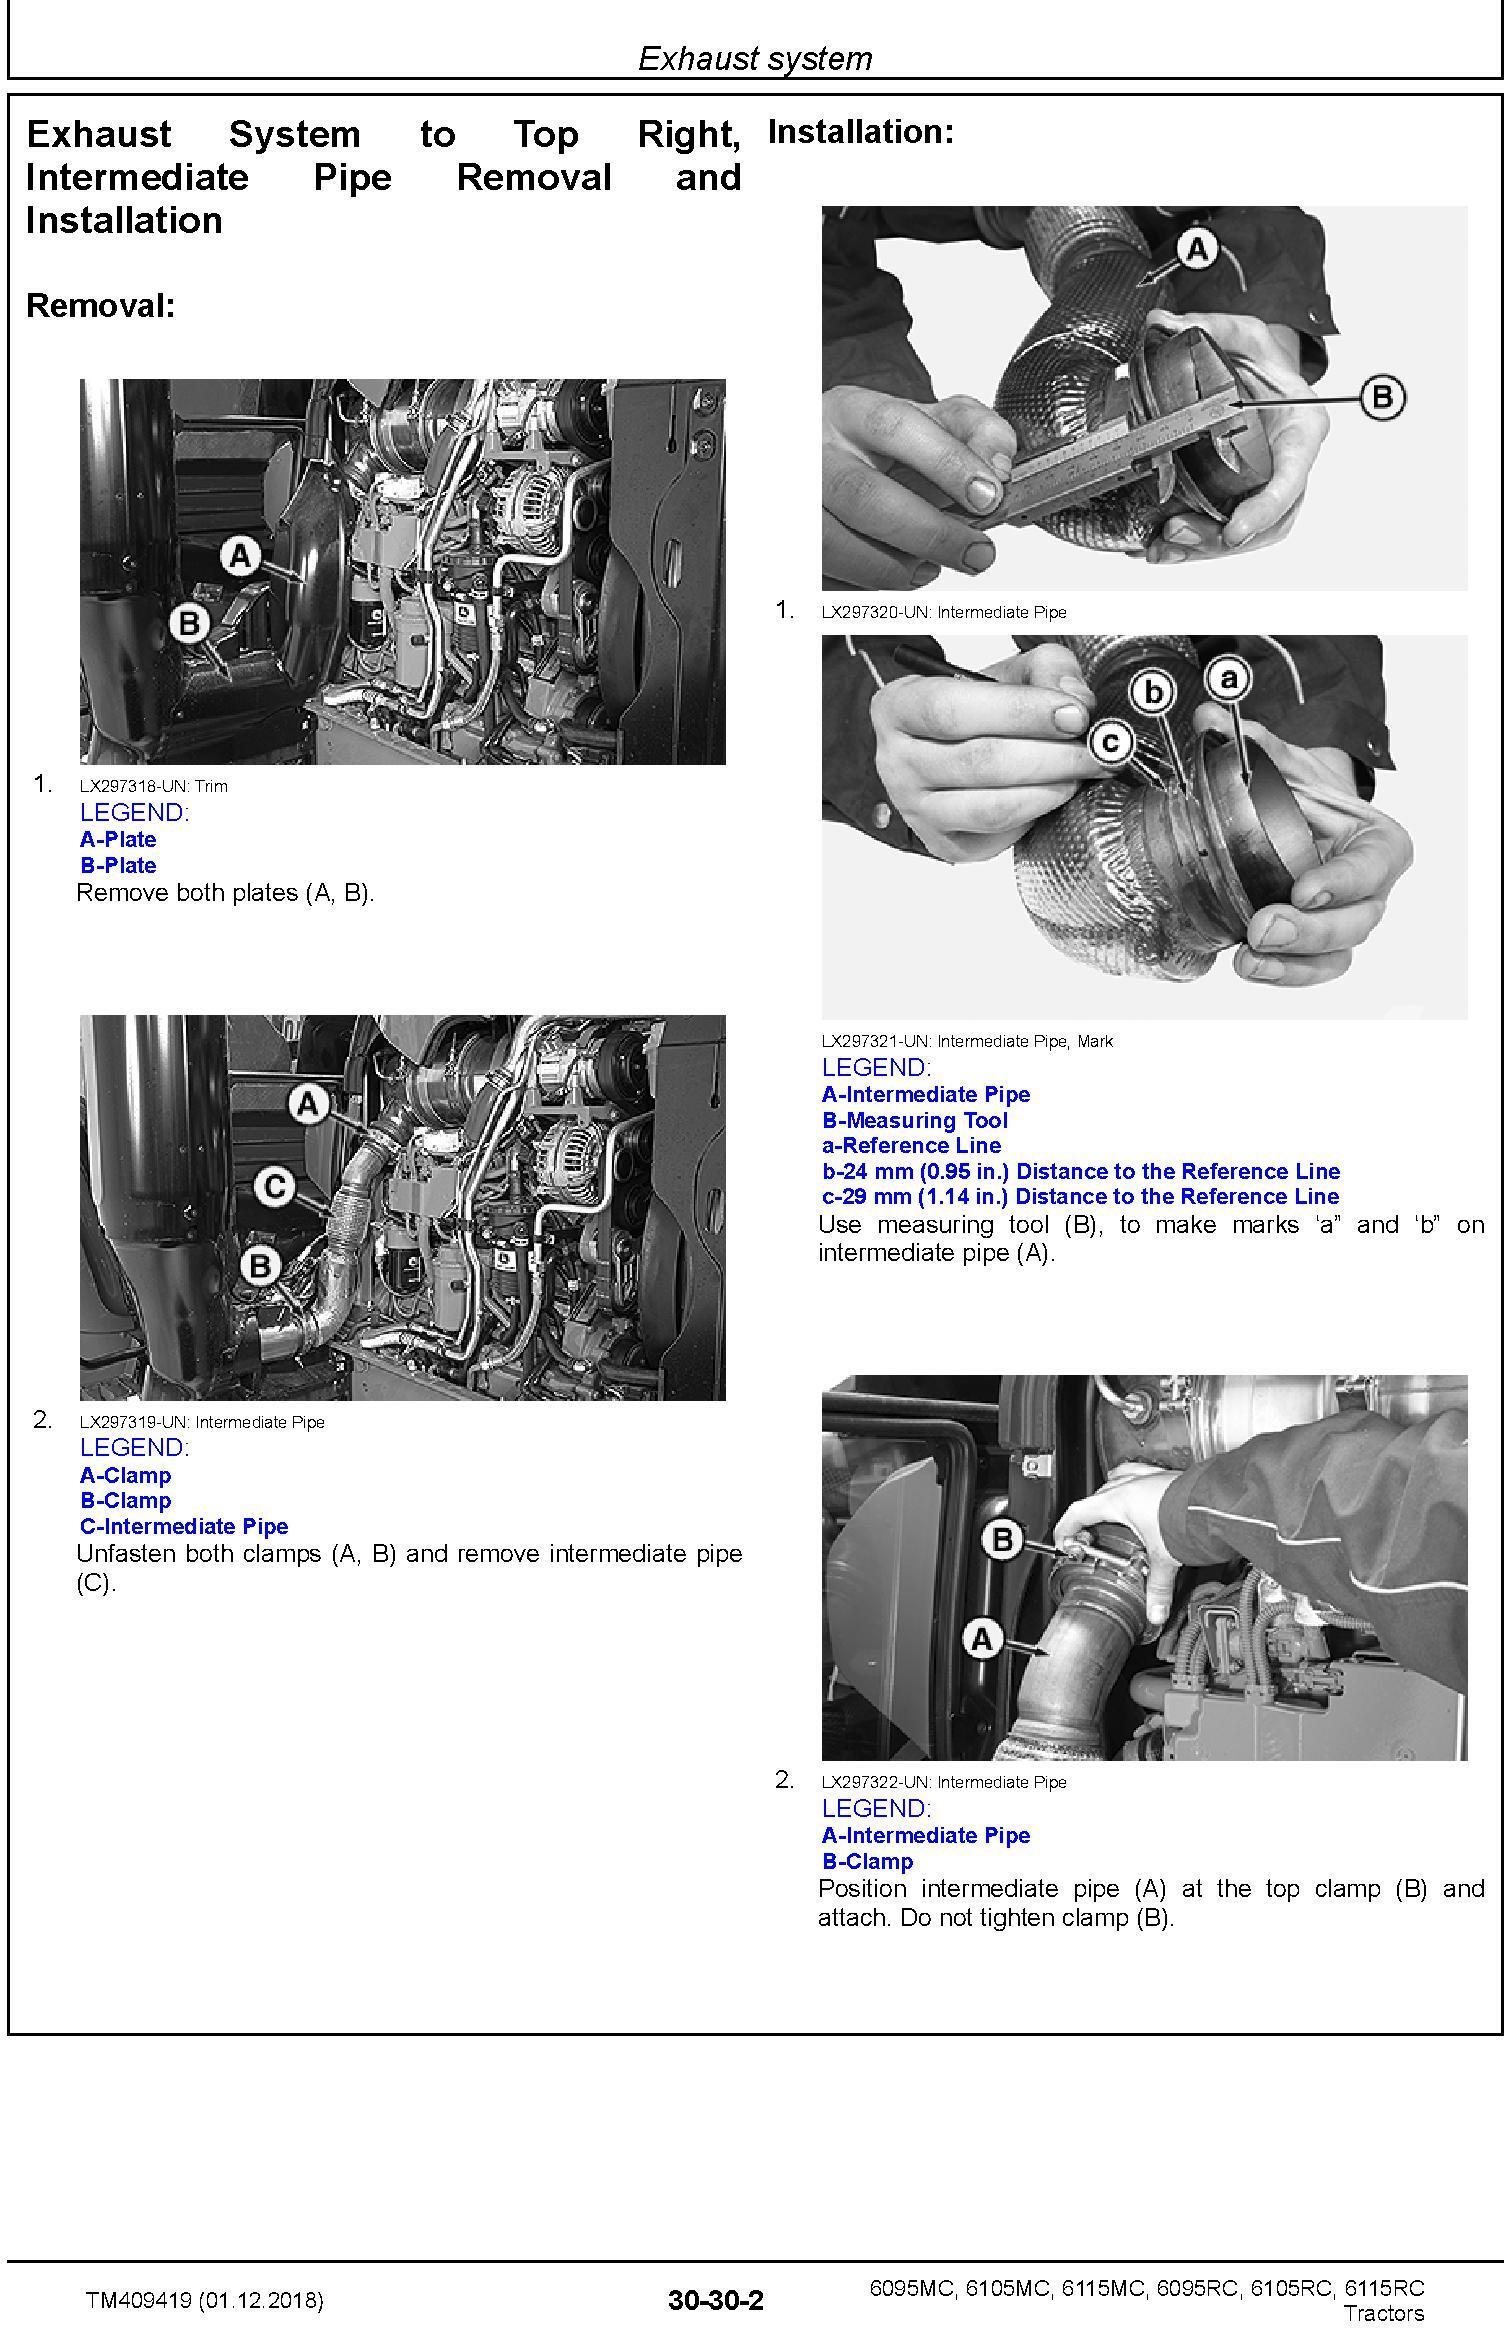 John Deere 6095MC,6105MC, 6115MC, 6095RC, 6105RC, 6115RC Tractors MY2016-17 Repair Manual (TM409419) - 2